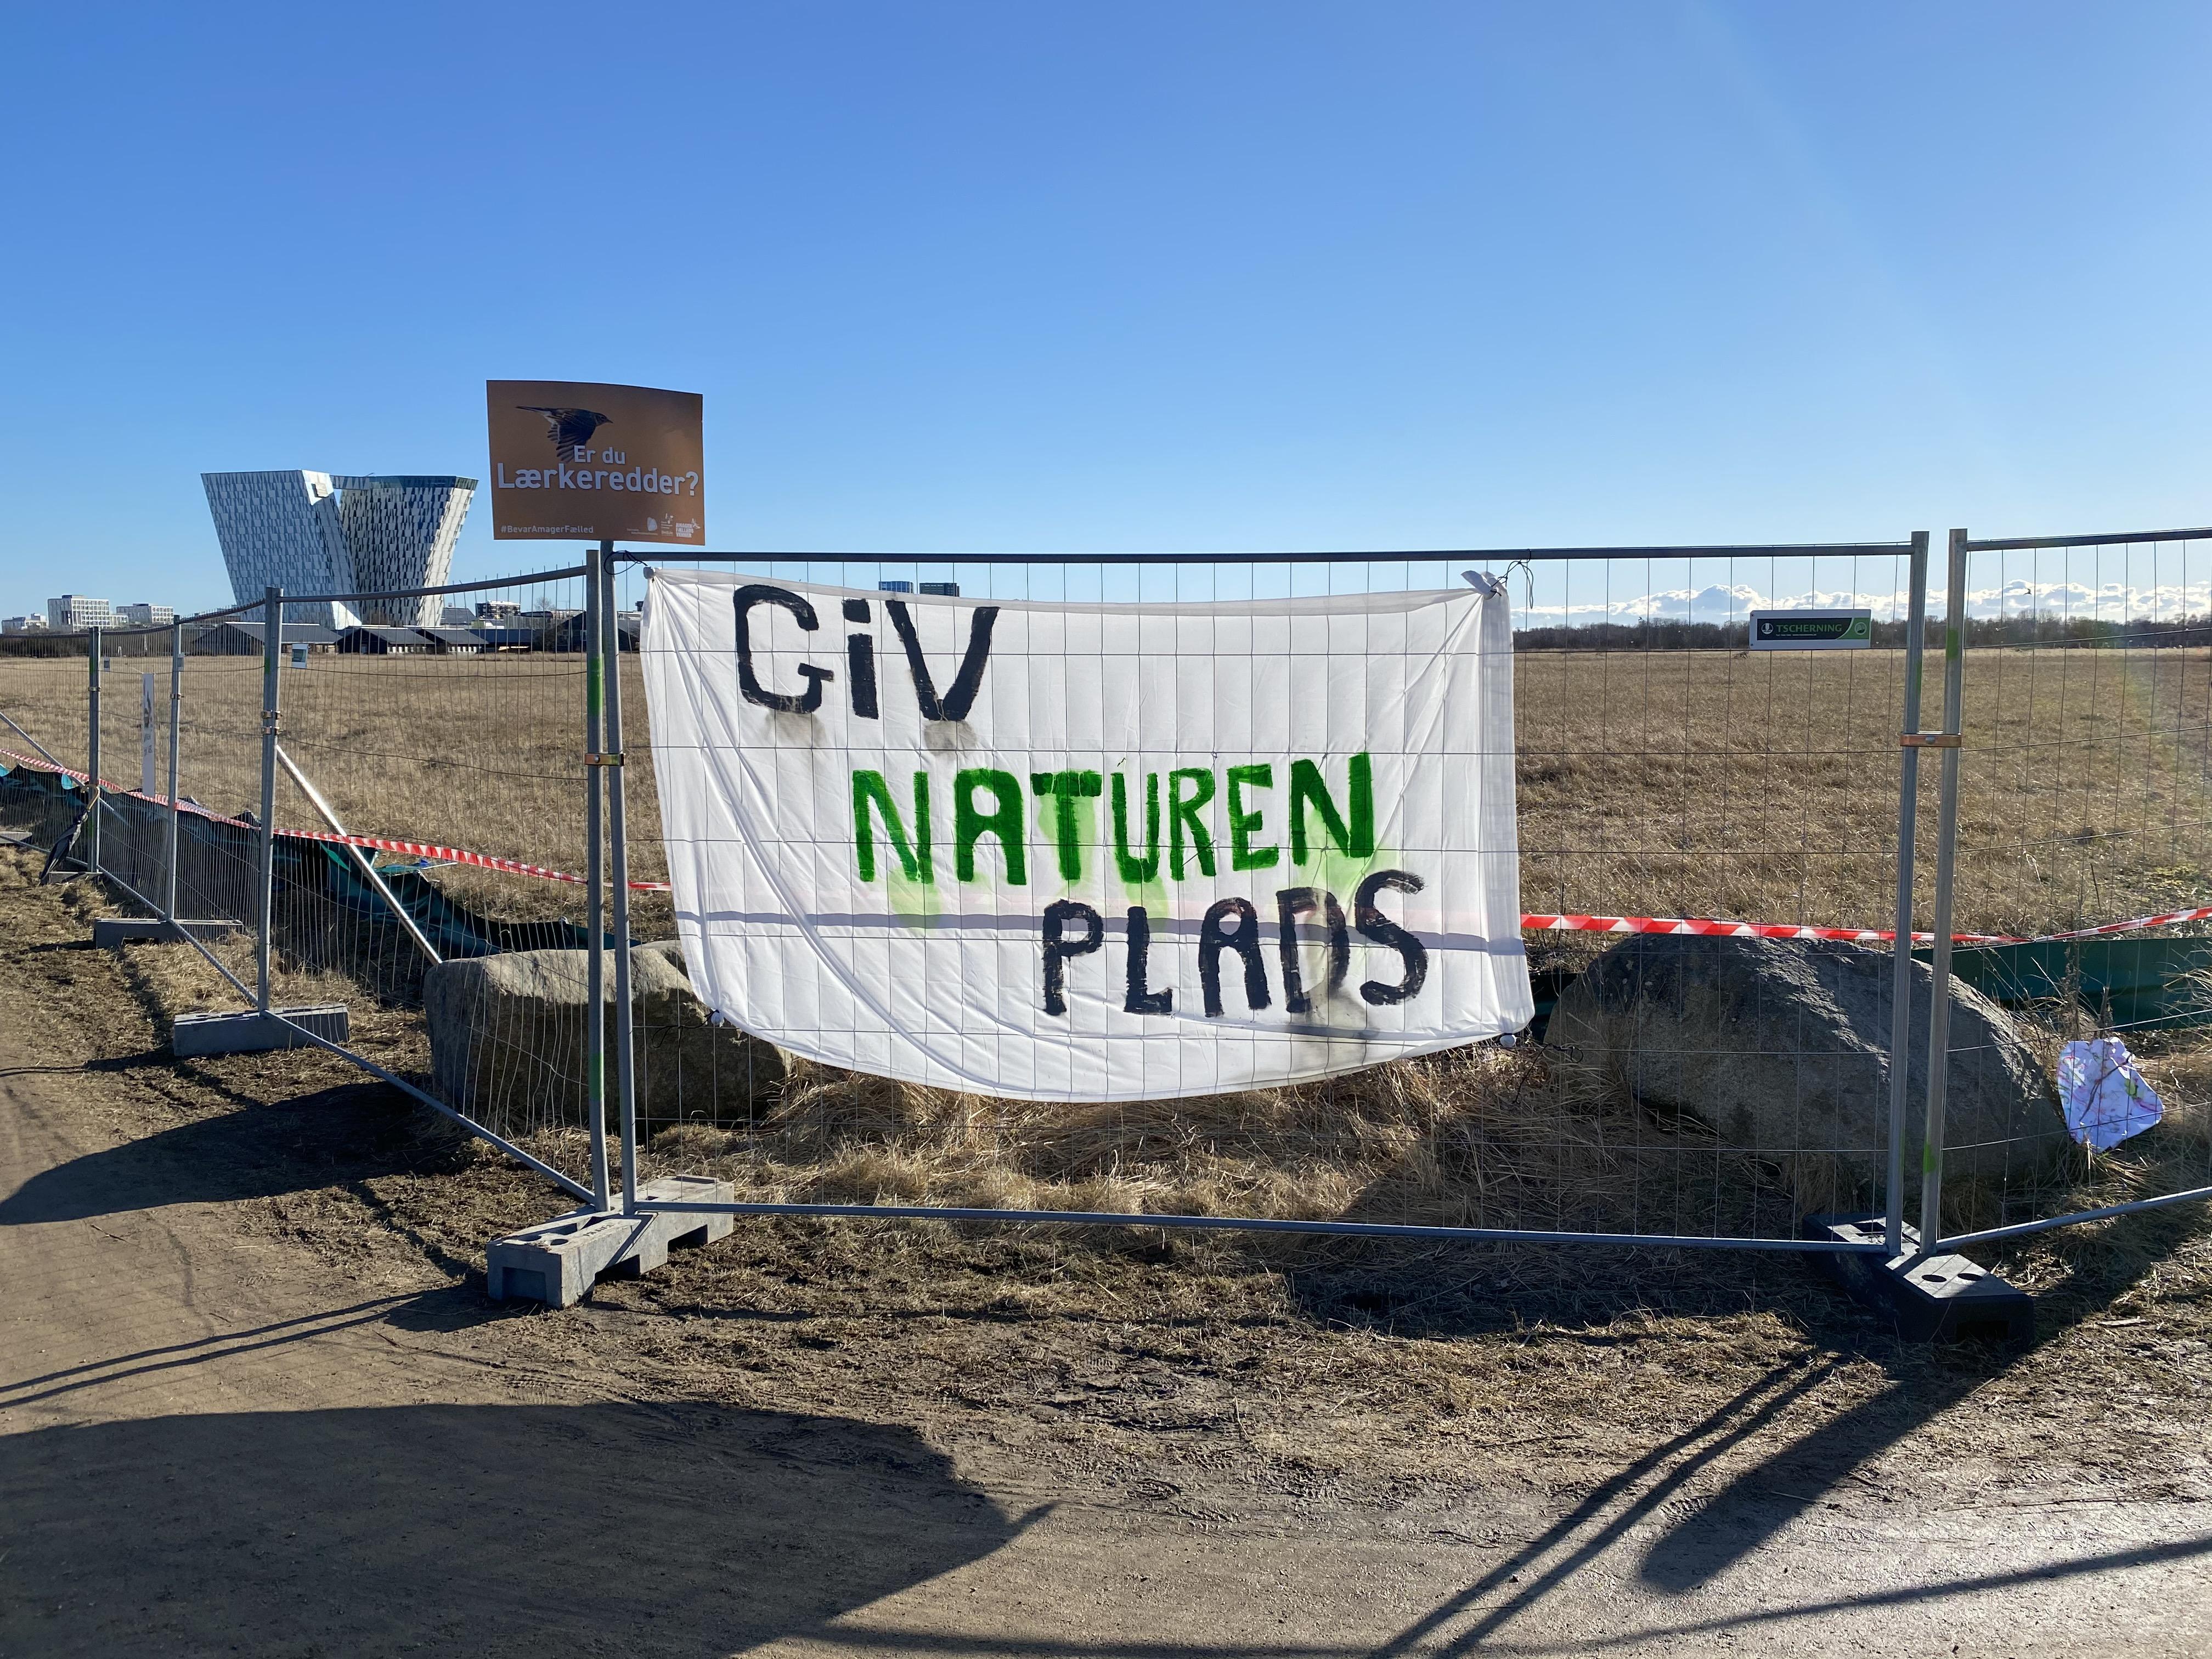 Danmarks Naturfredningsforening klager over Amager Fælled-byggeri